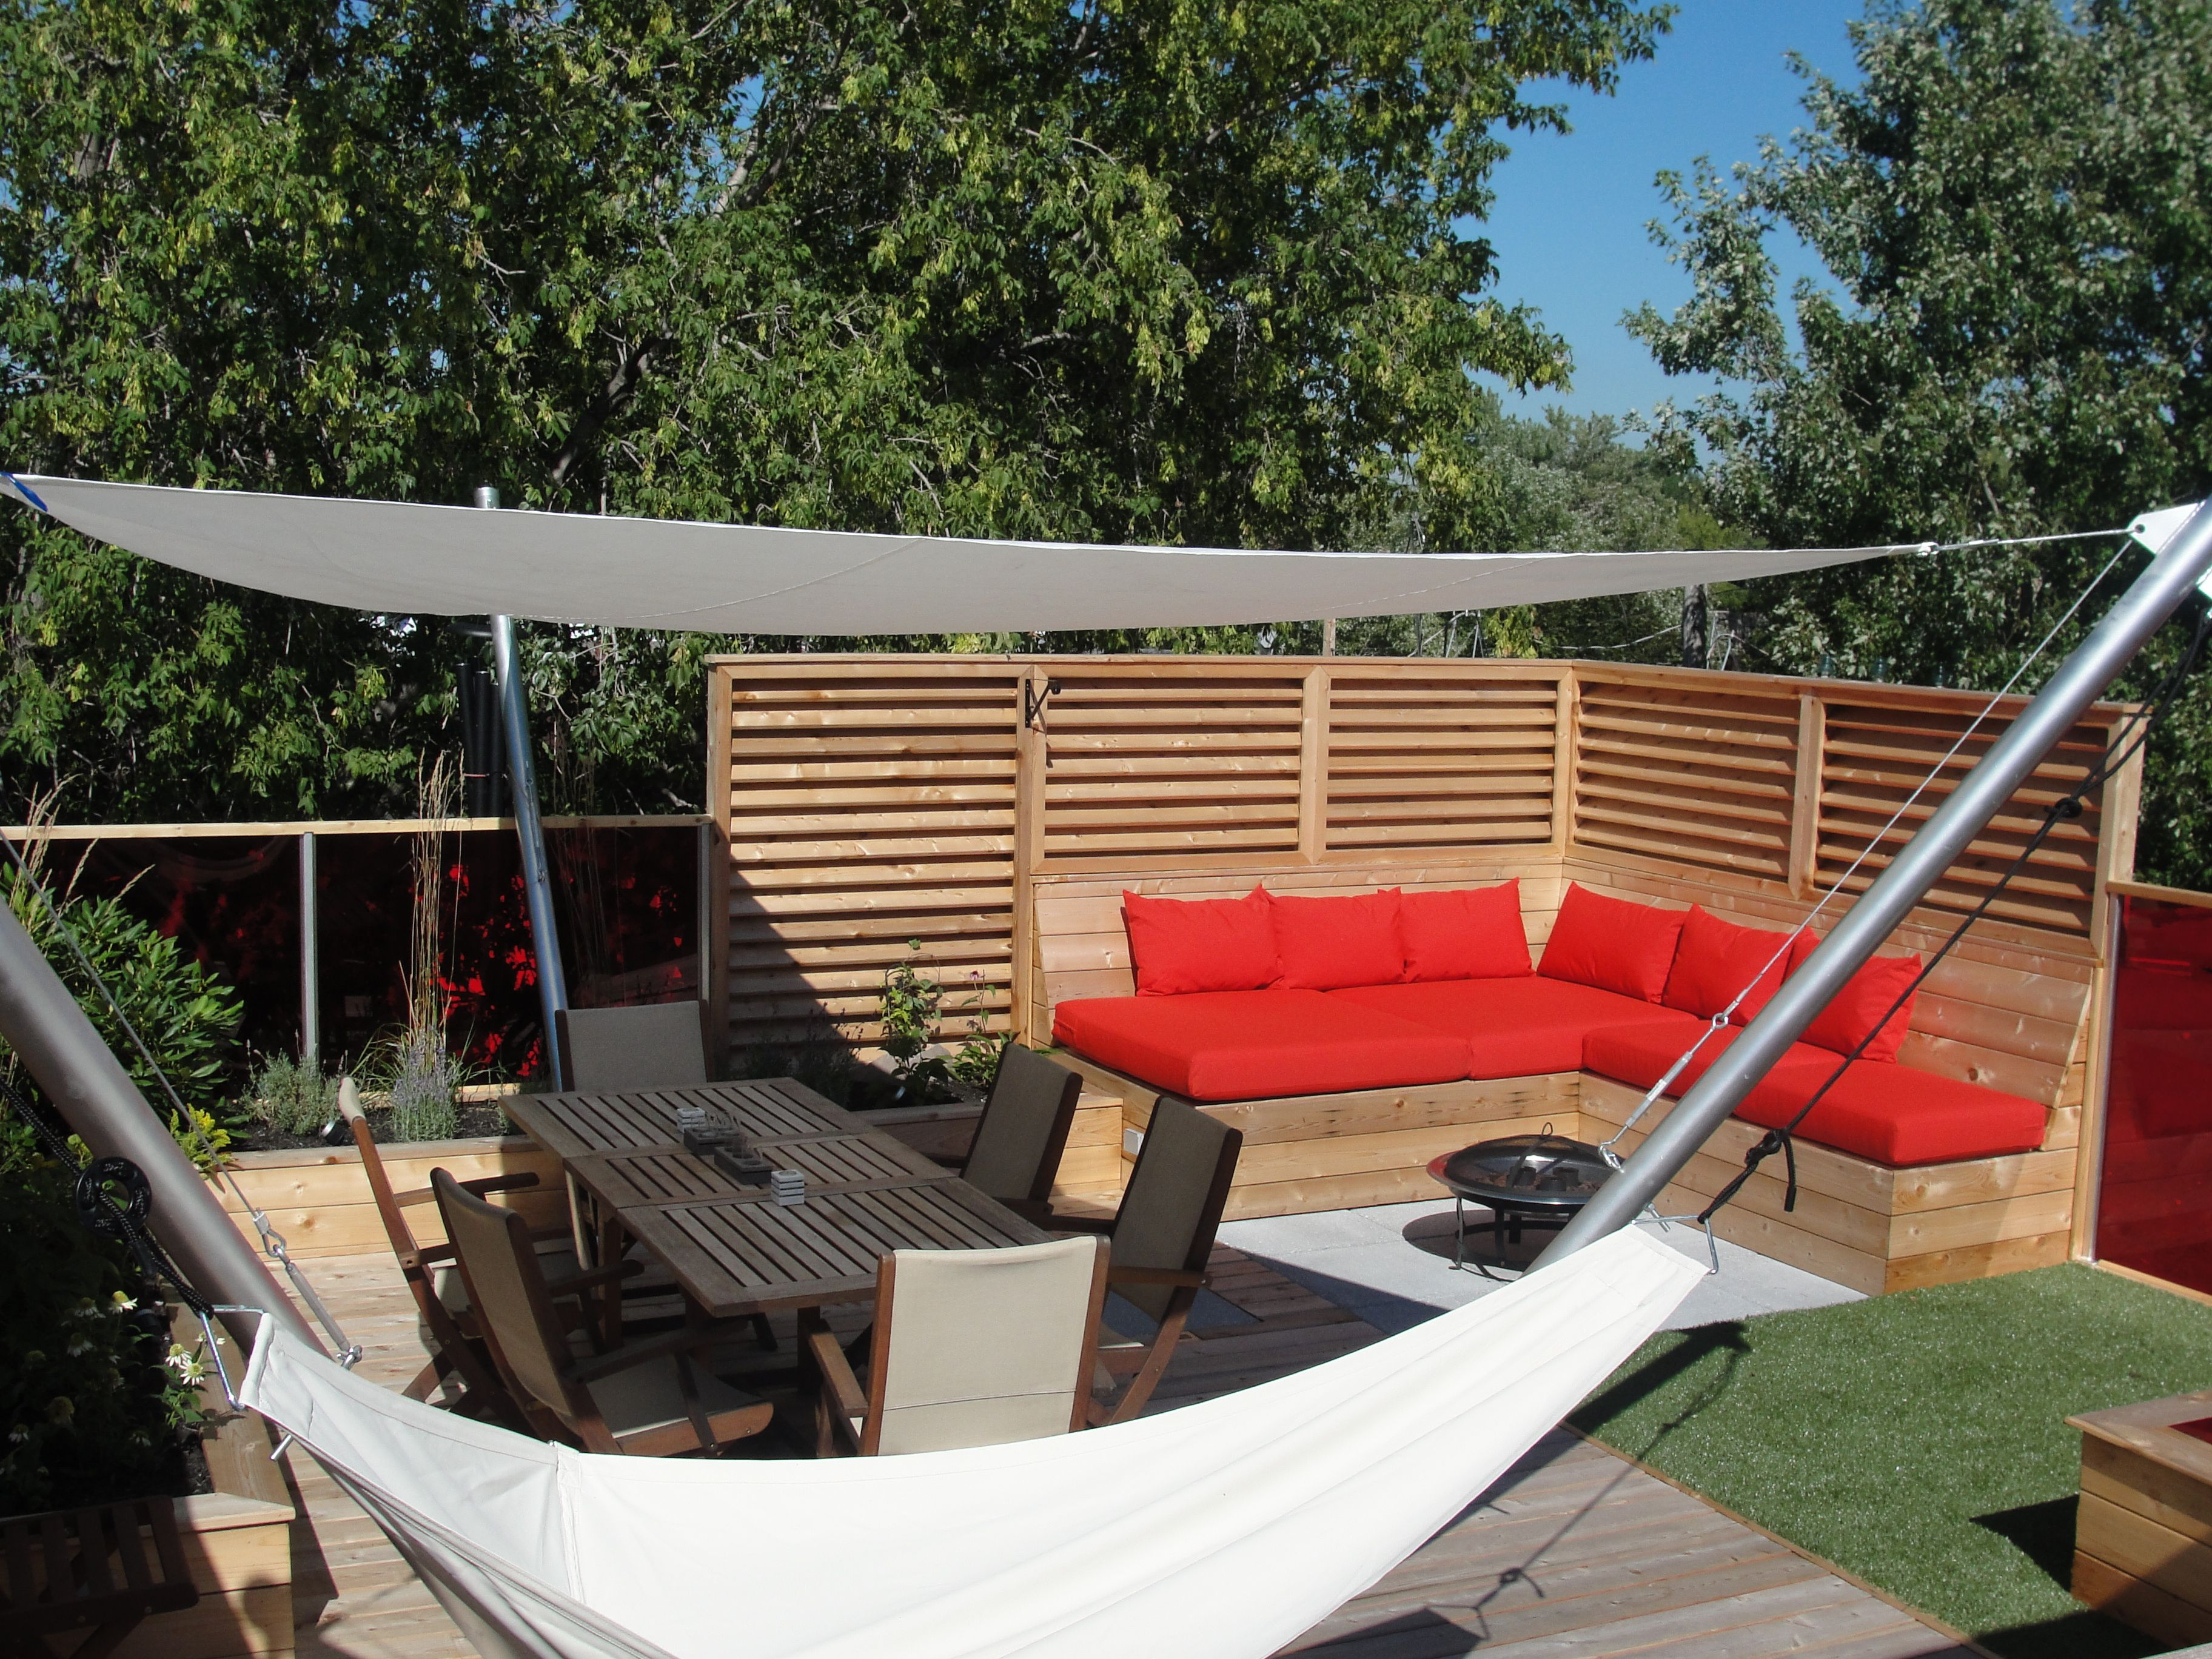 100 Incroyable Concepts Toit En Toile Pour Terrasse